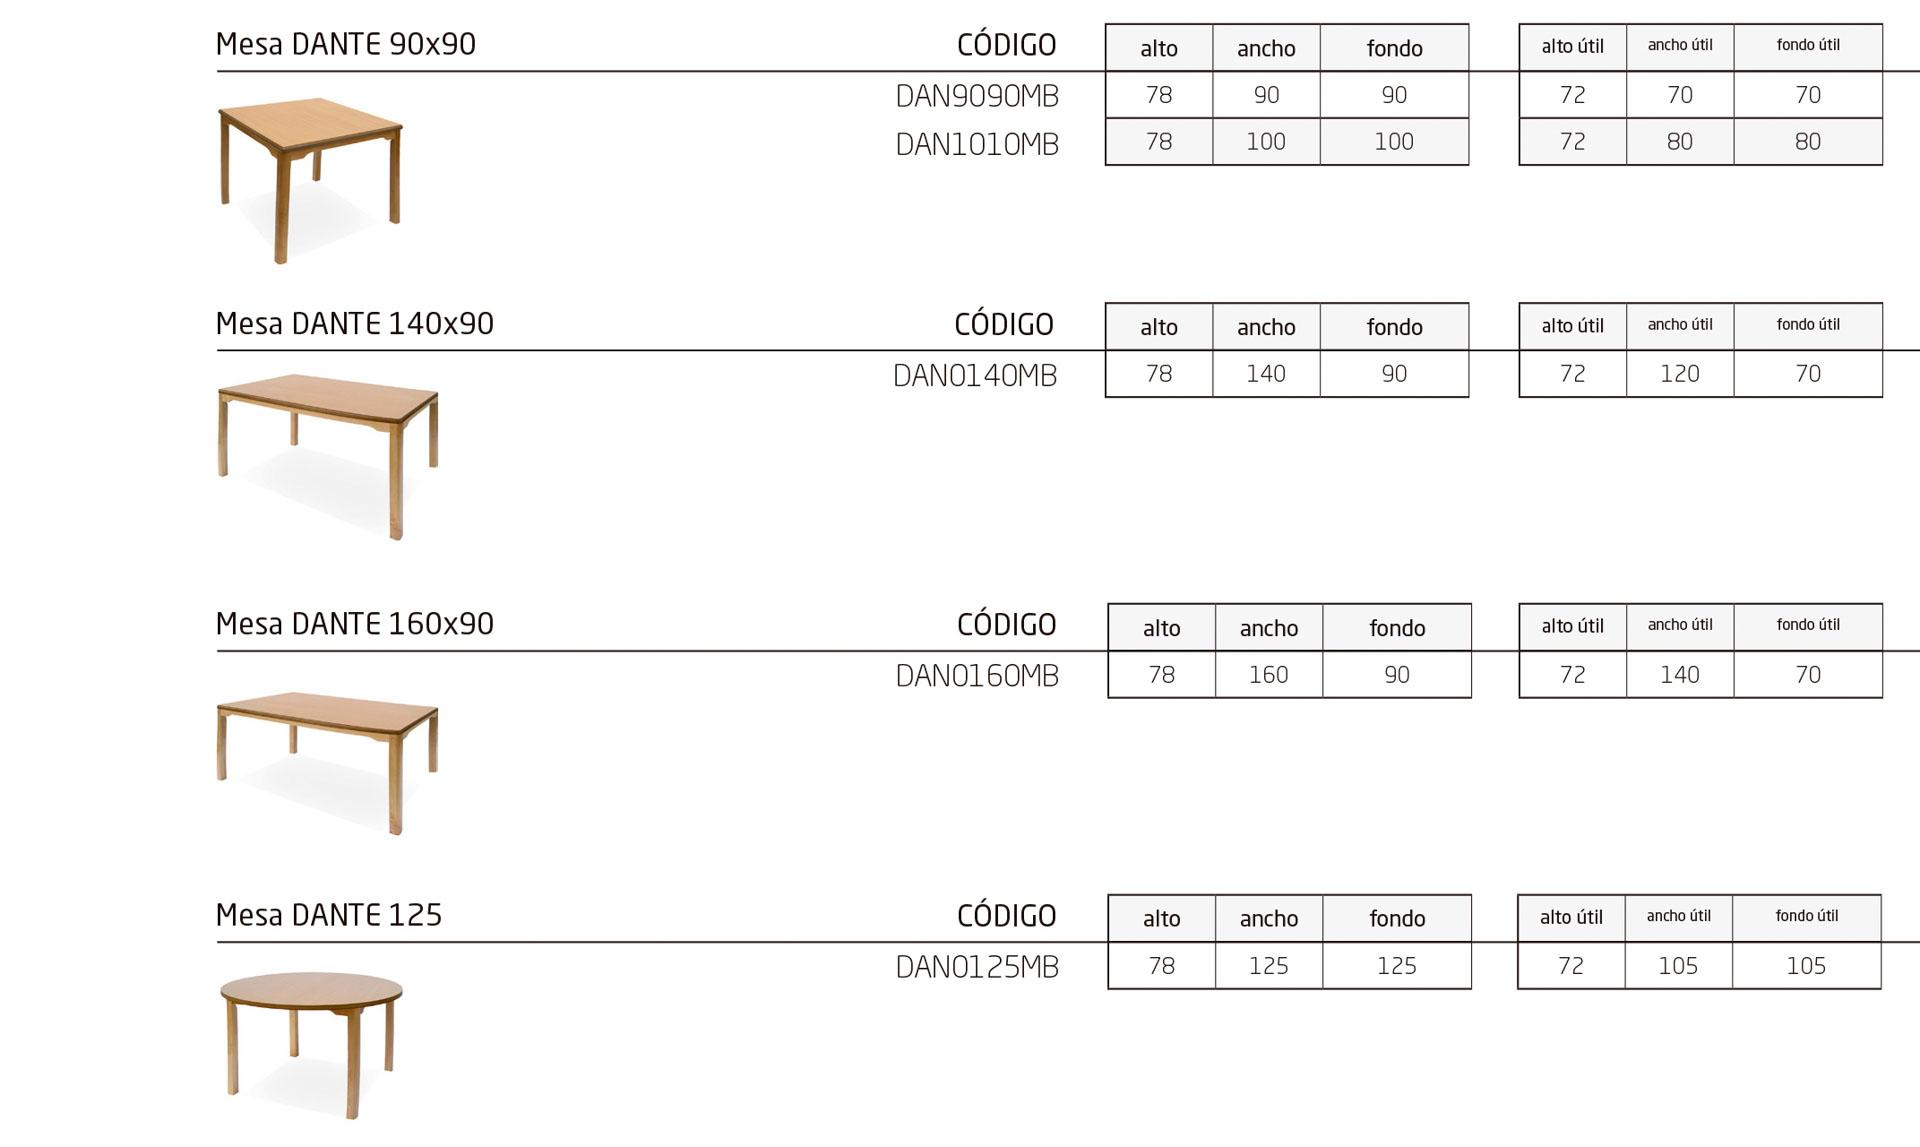 Modelos de la colección DANTE: mobiliario adaptado para personas dependientes